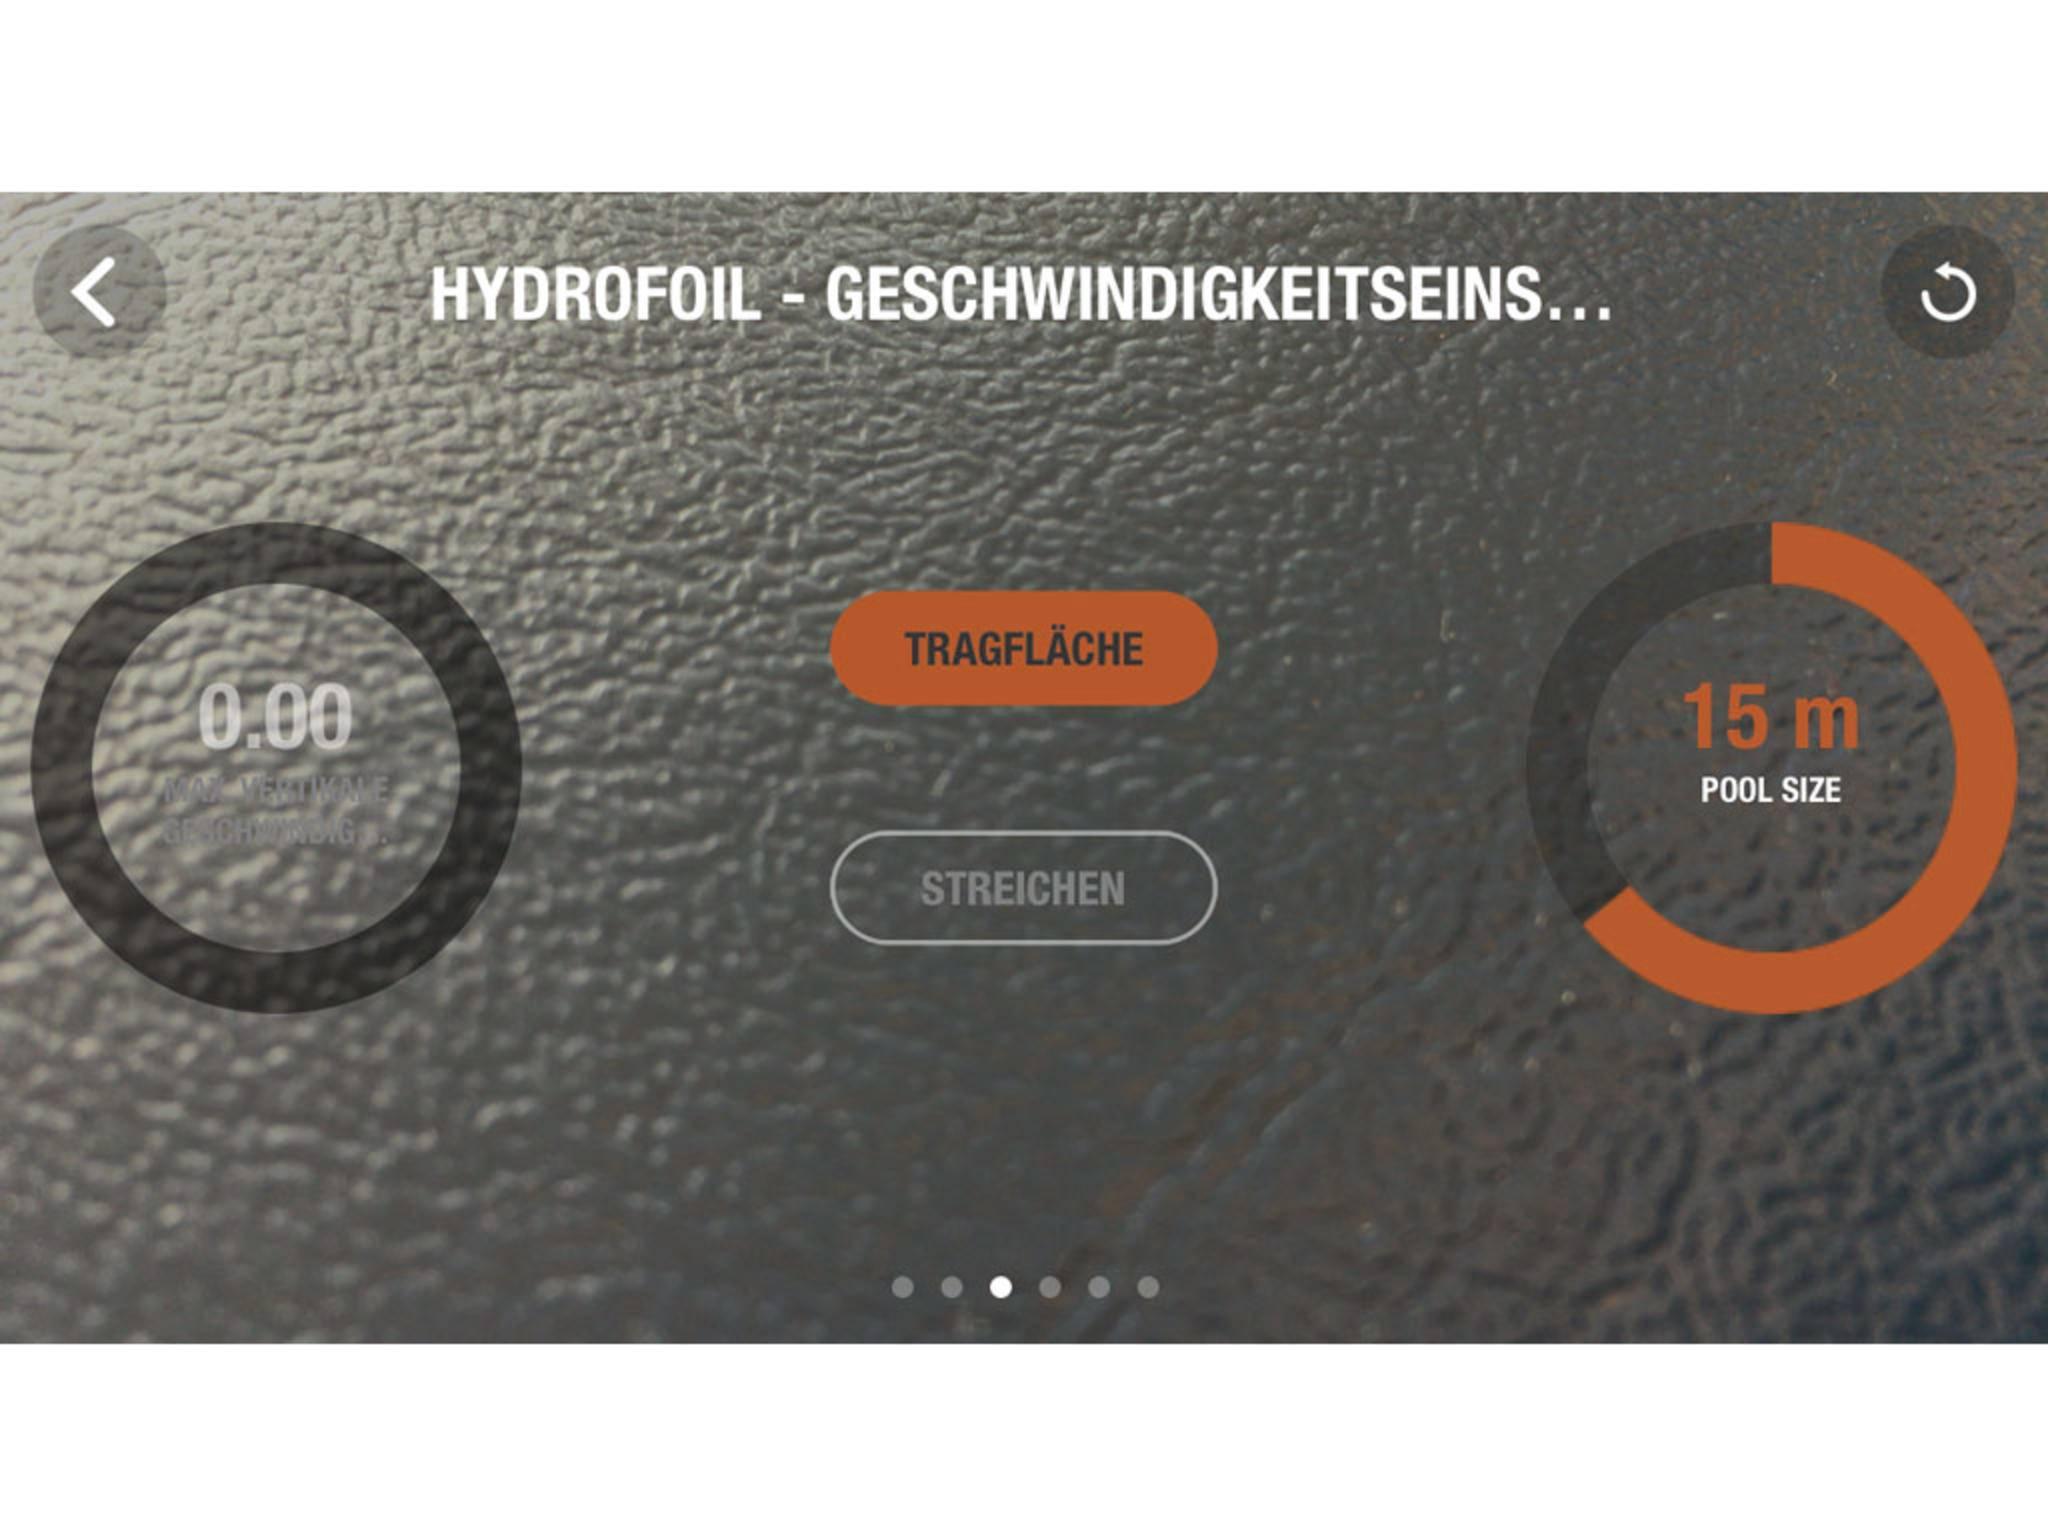 Auch diverse Angaben zur Geschwindigkeit können eingestellt werden.